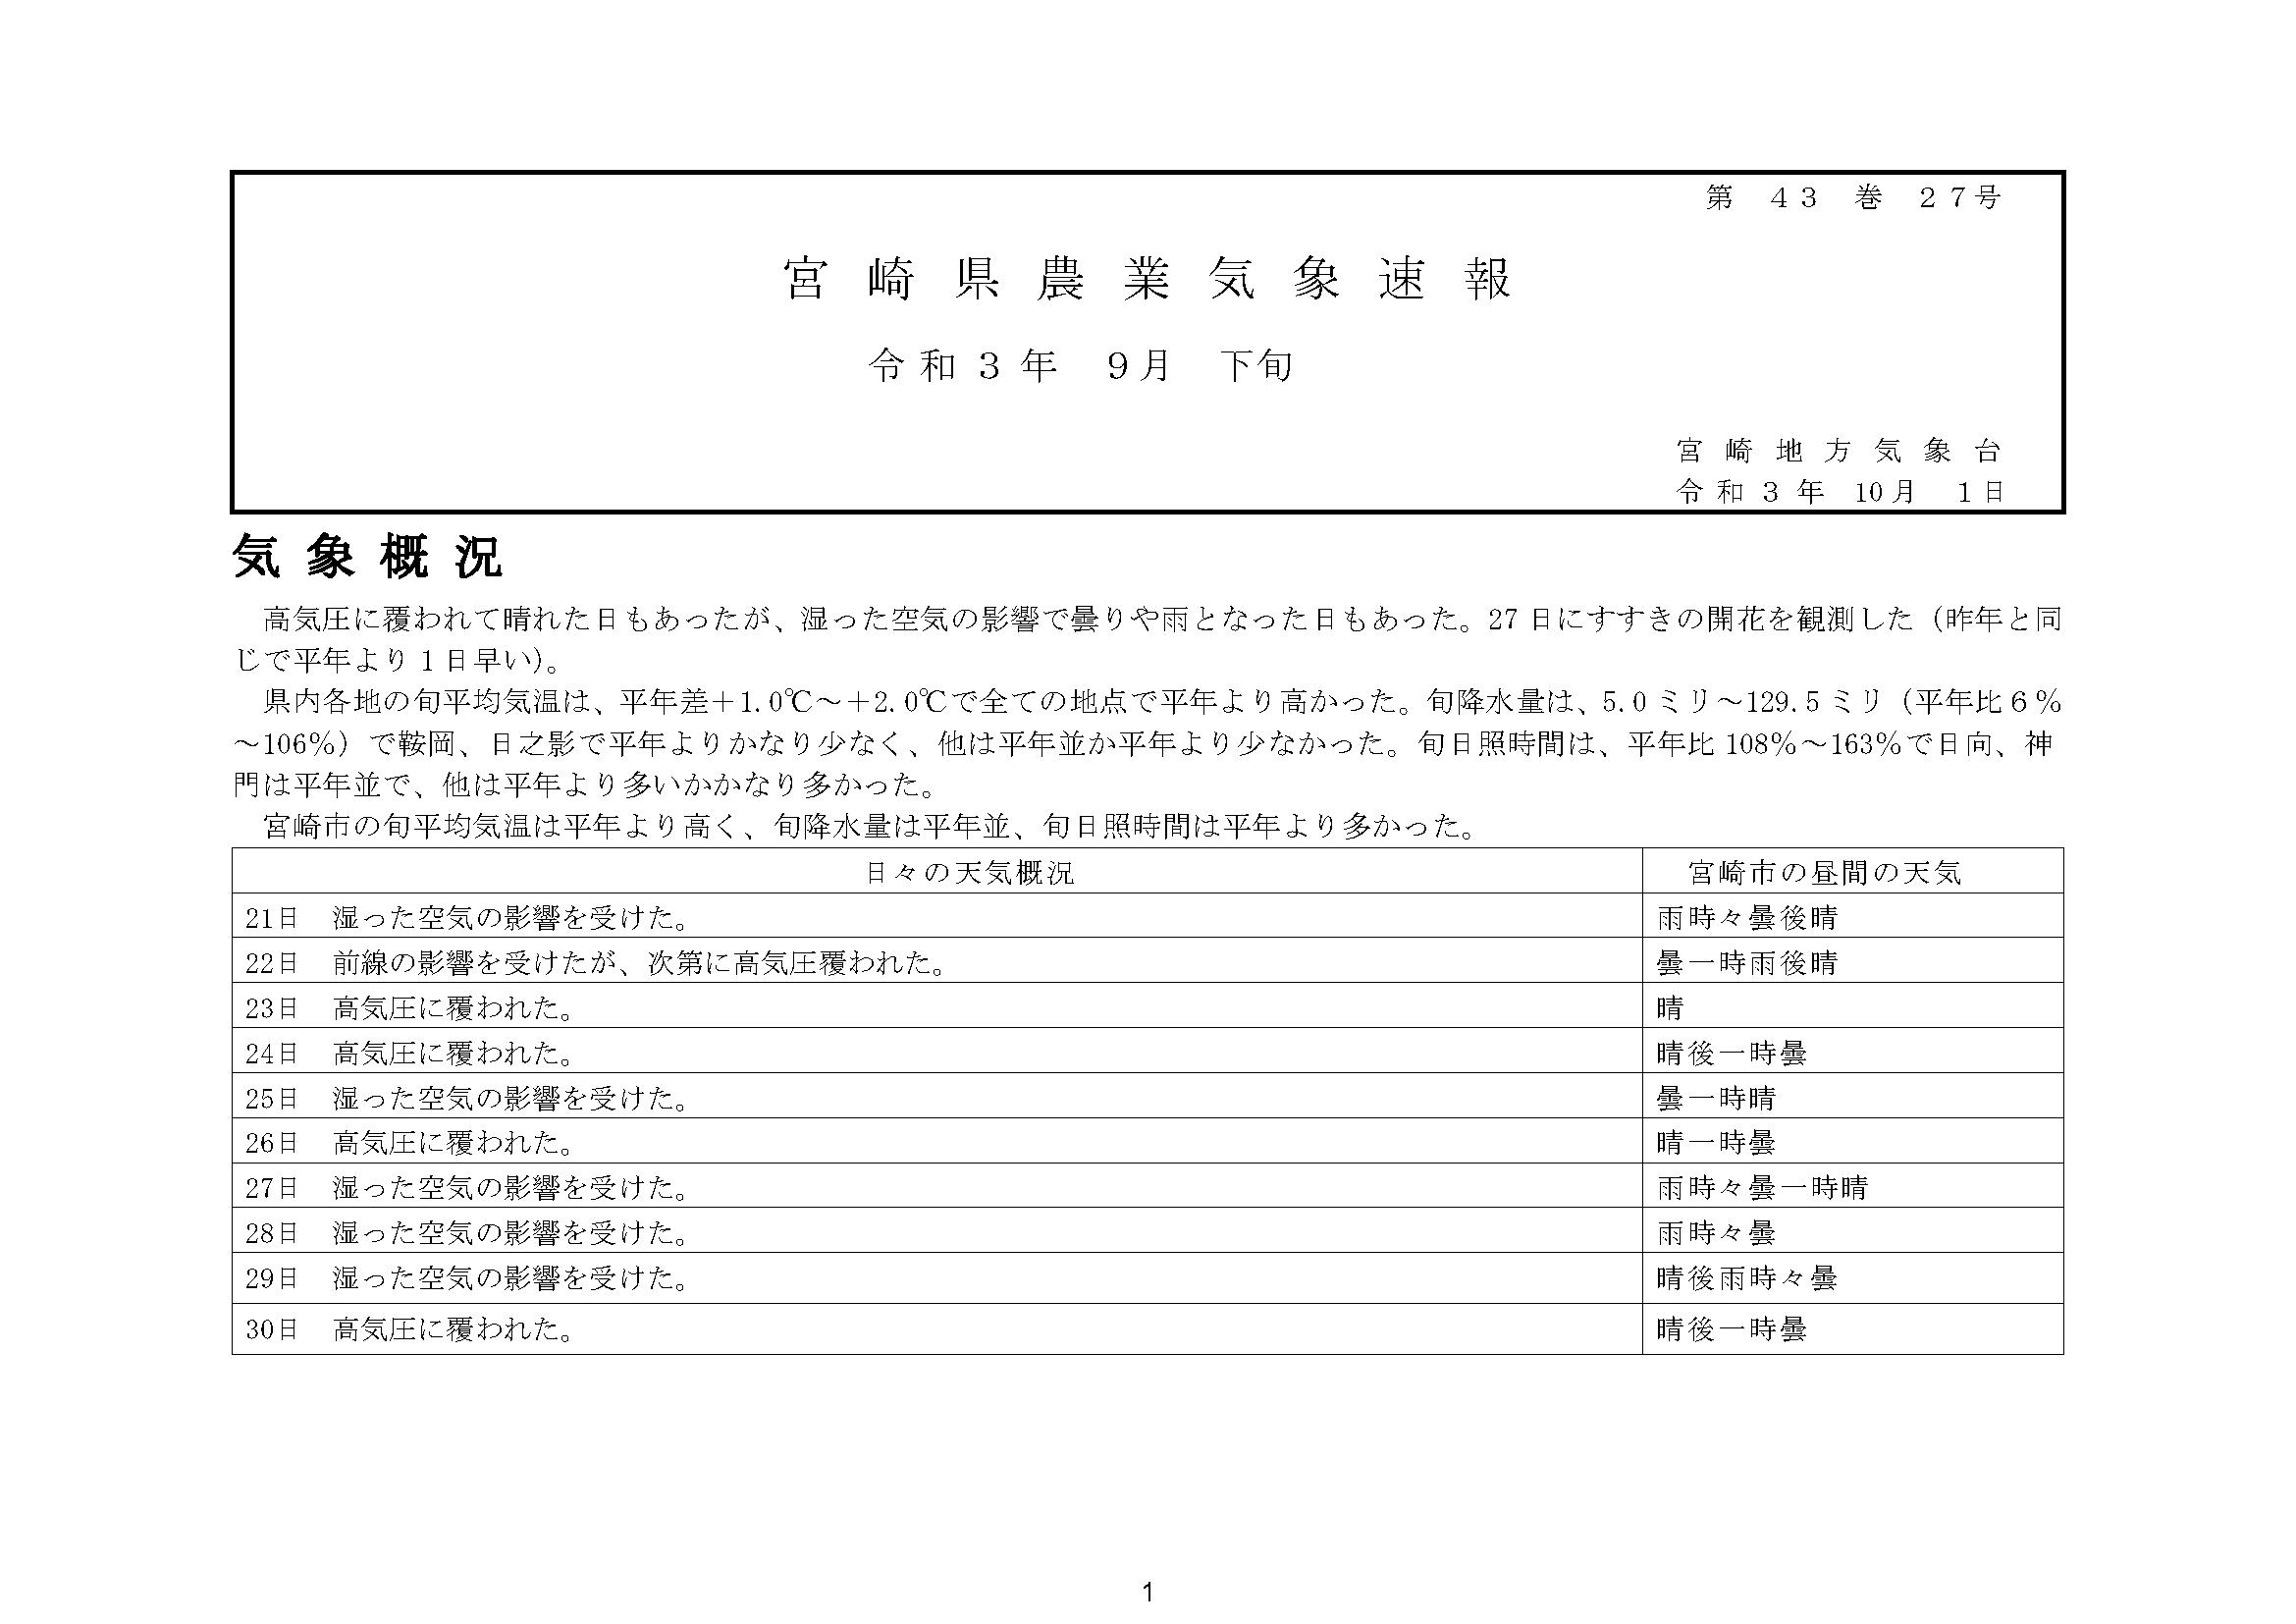 宮崎県農業気象速報令和3年9月下旬PDF